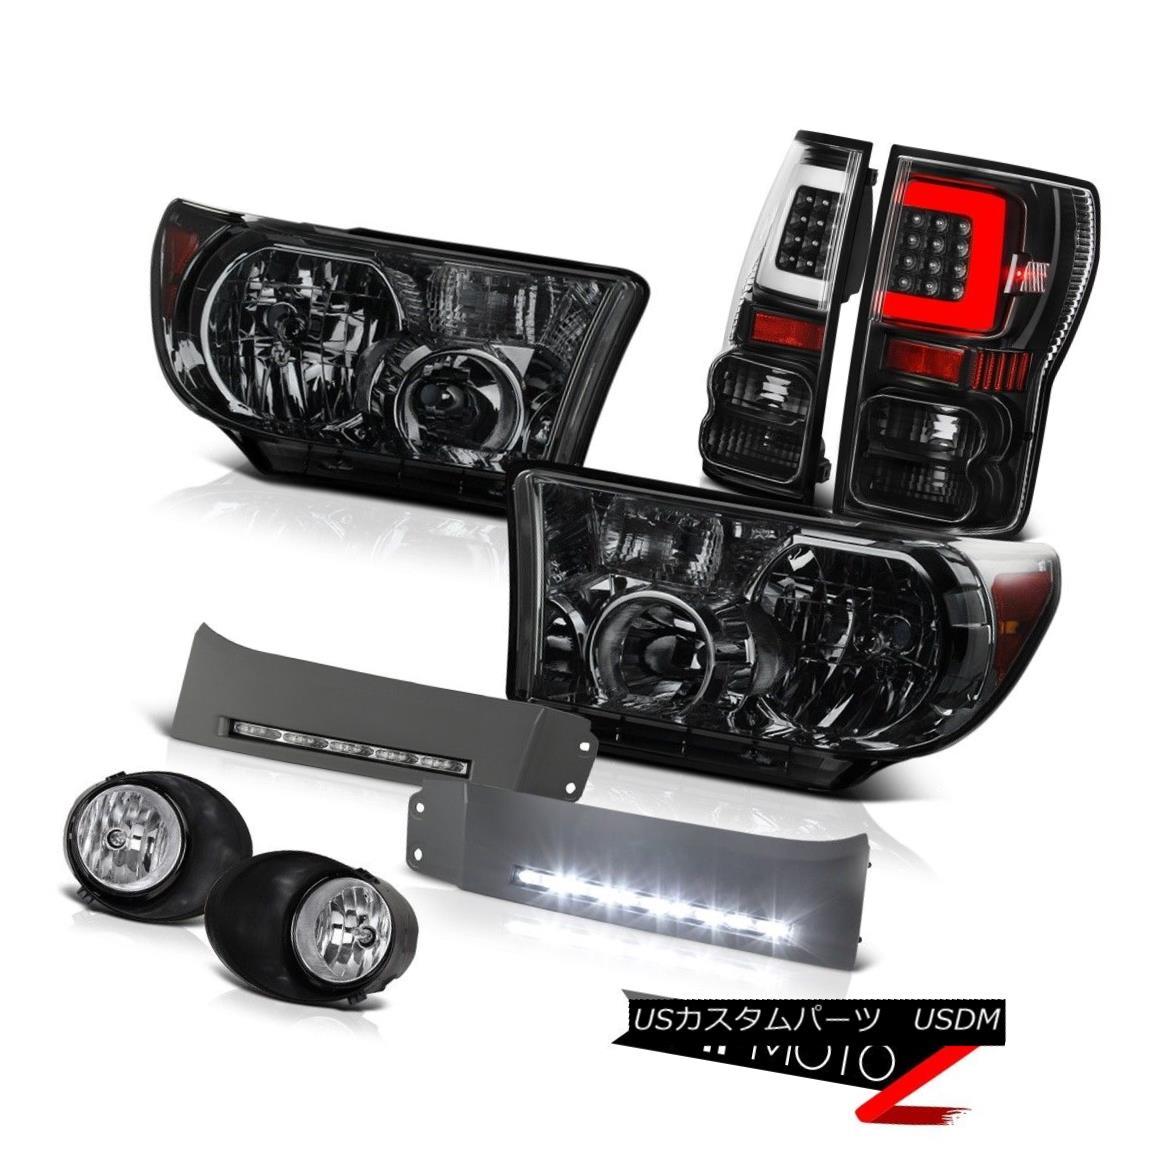 ヘッドライト 2007-2013 Toyota Tundra Inky Black Led Rear Head Lamps Drl Euro Chrome Driving 2007-2013トヨタ・トンドラ・インキー・ブラックLedリア・ヘッド・ランプDrlユーロ・クローム・ドライビング